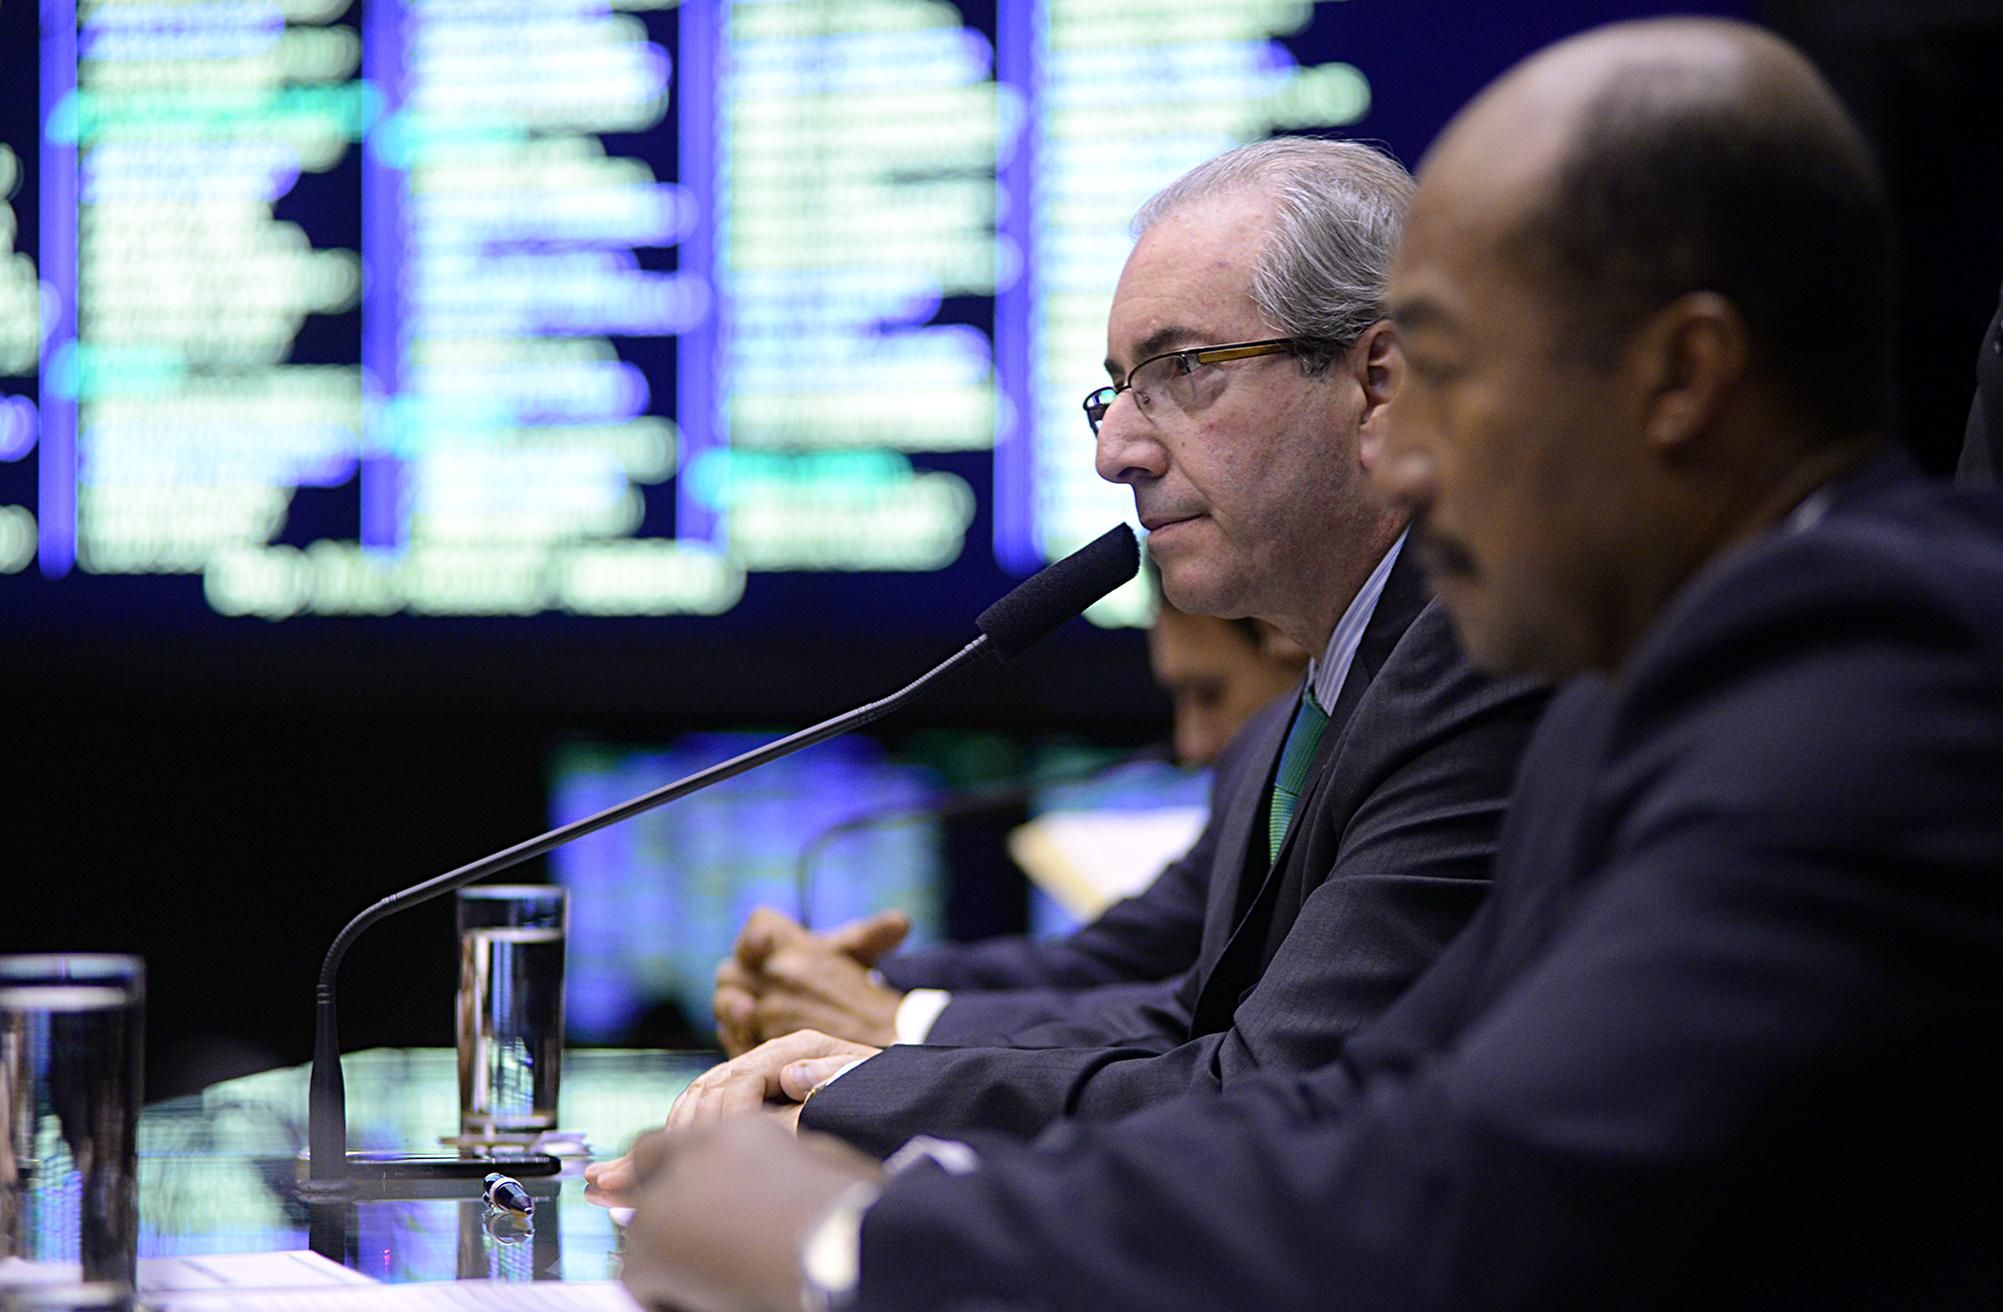 Sessão extraordinária para discussão e votação de diversos projetos. Presidente da Câmara, dep. Eduardo Cunha (PMDB-RJ)